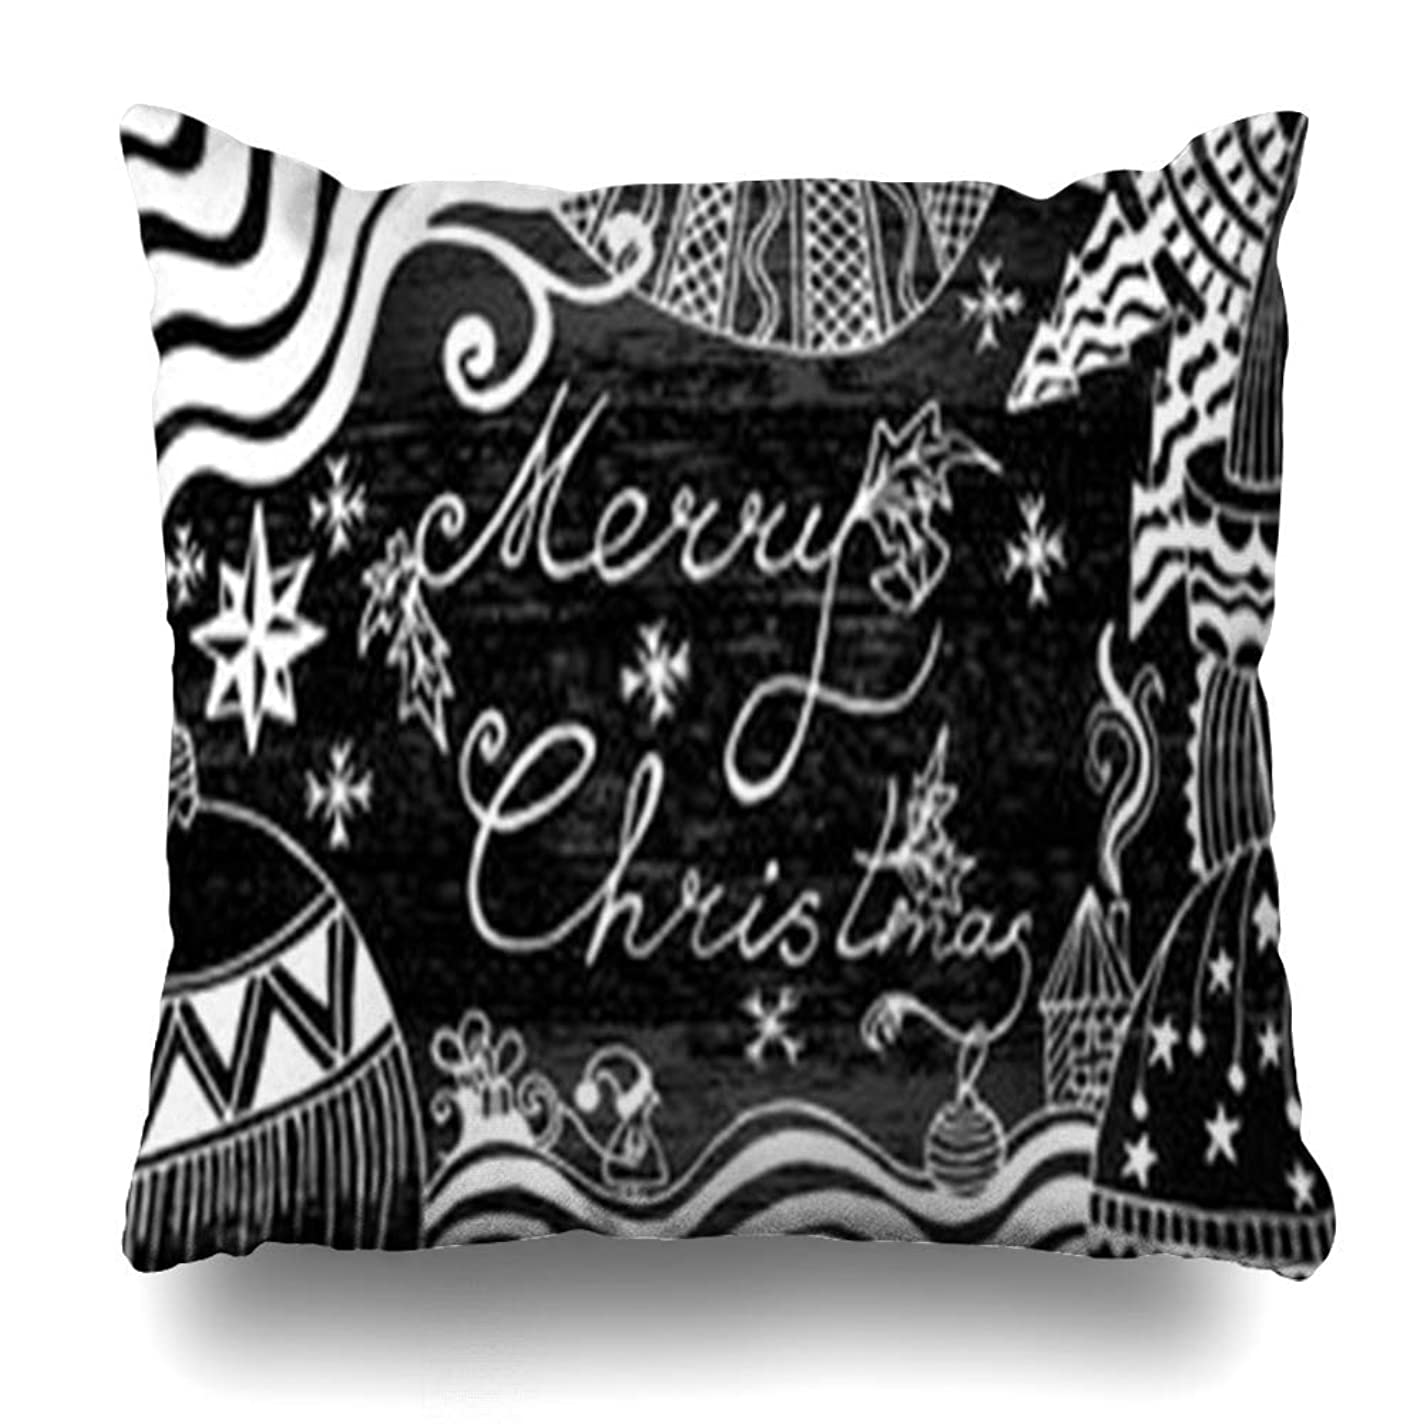 たとえ他の日枕カバースローノルディックニットパターンホワイトブルー祝日クリスマス祝賀会国クラフトカルチャーホームデコレーションクッションケーススクエア18 * 18インチ装飾ソファ枕カバー